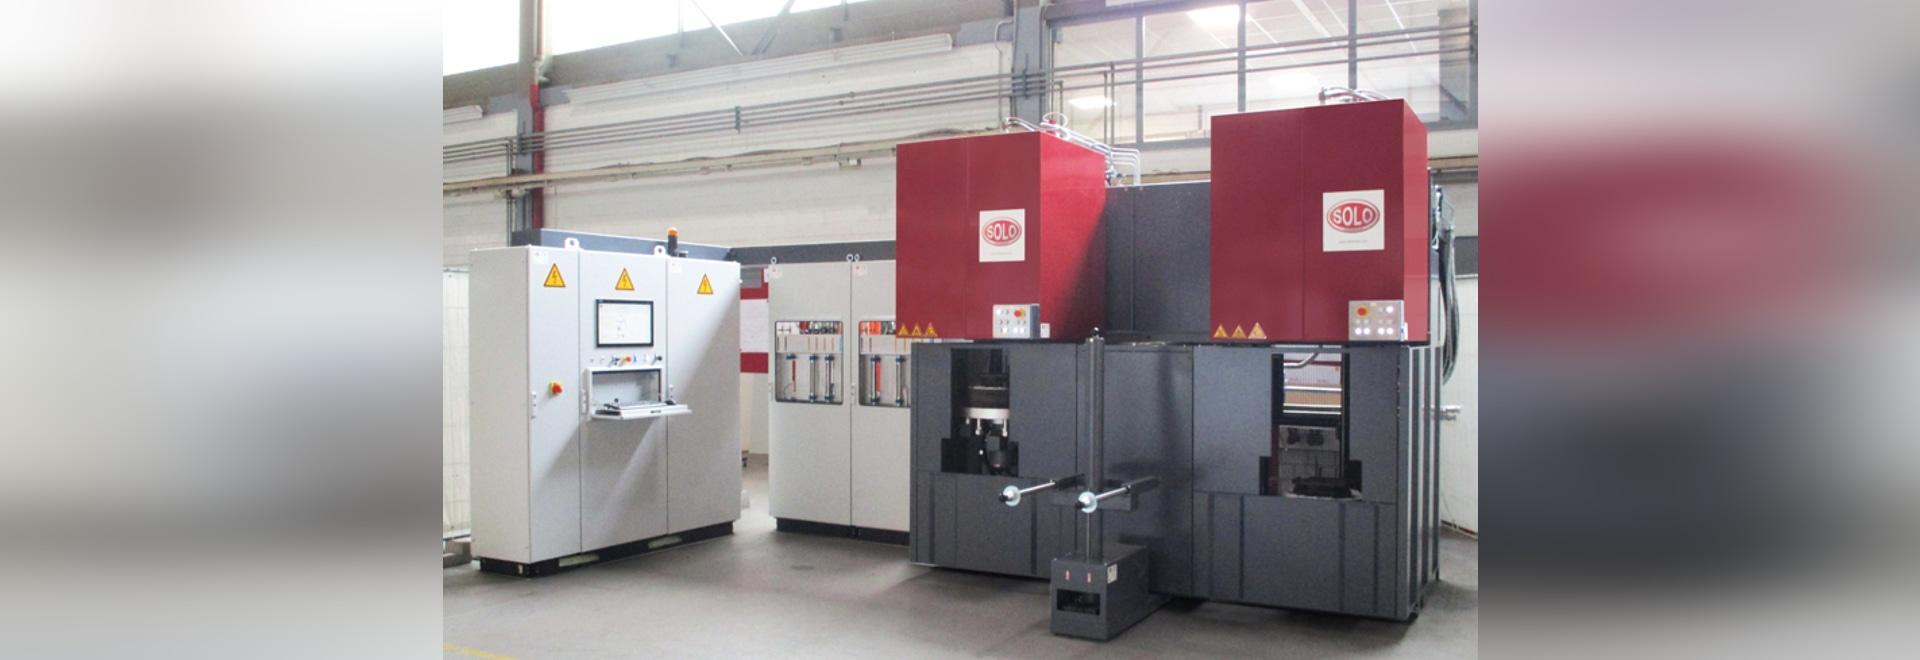 SOLO® Schutzgasatmosphärenöfen zur Wärmebehandlung von Nadeln in der Türkei